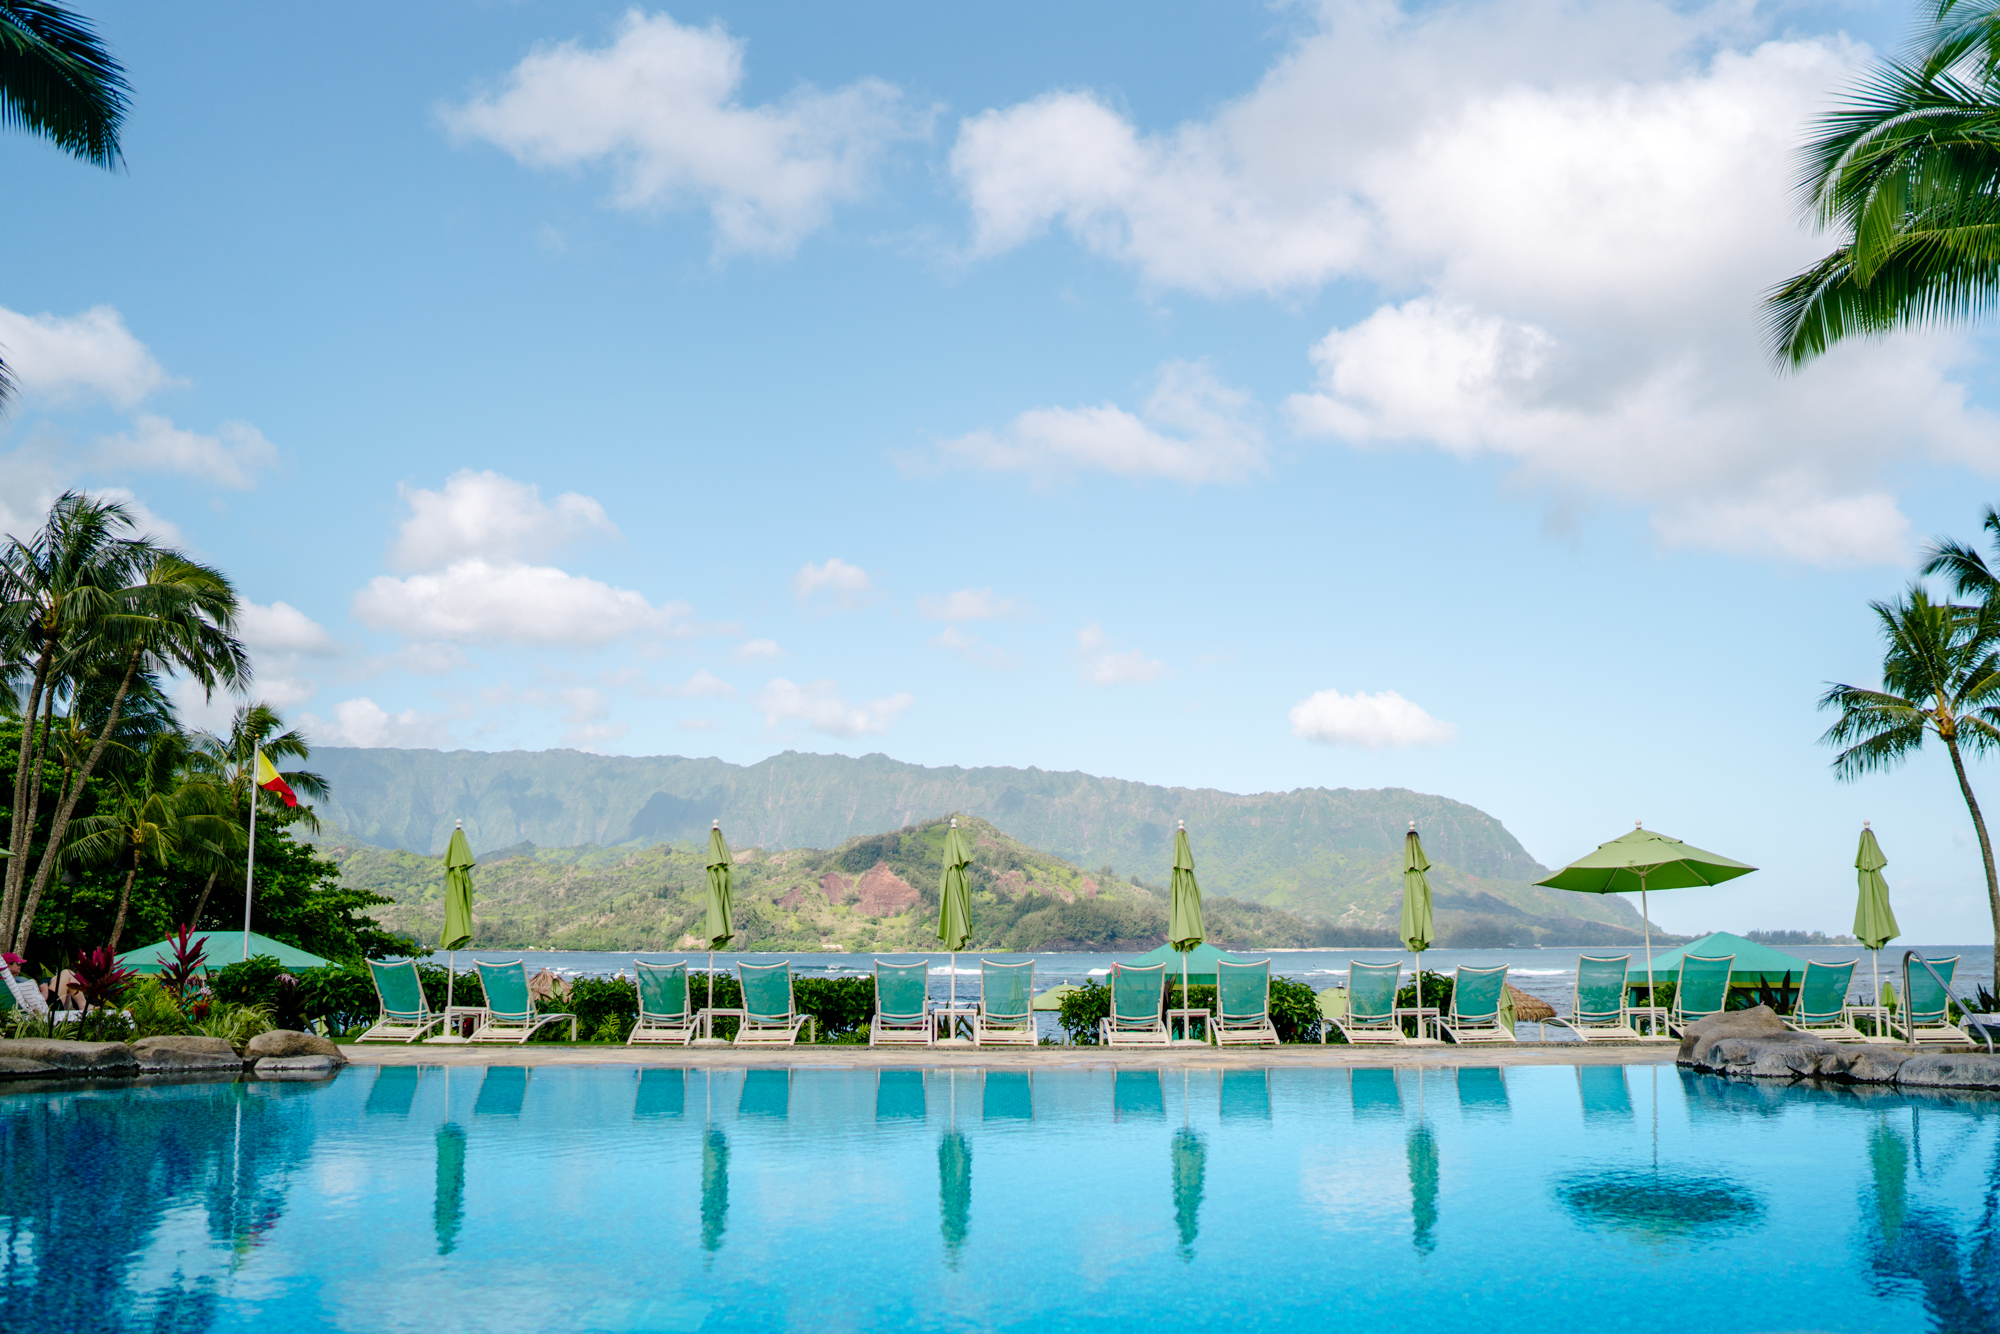 Best resorts in Kauai